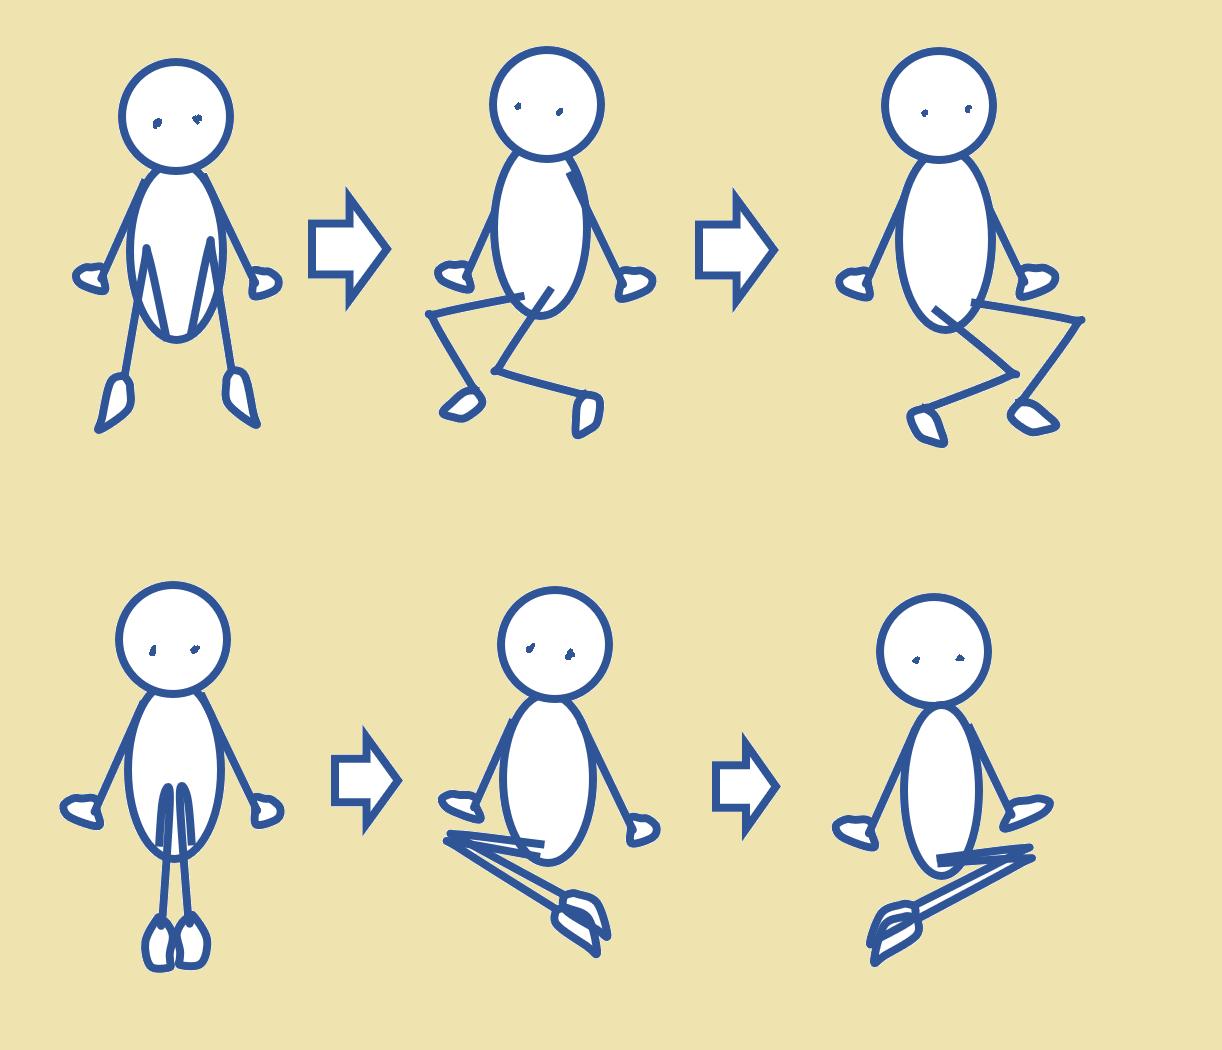 股関節と骨盤周りの運動